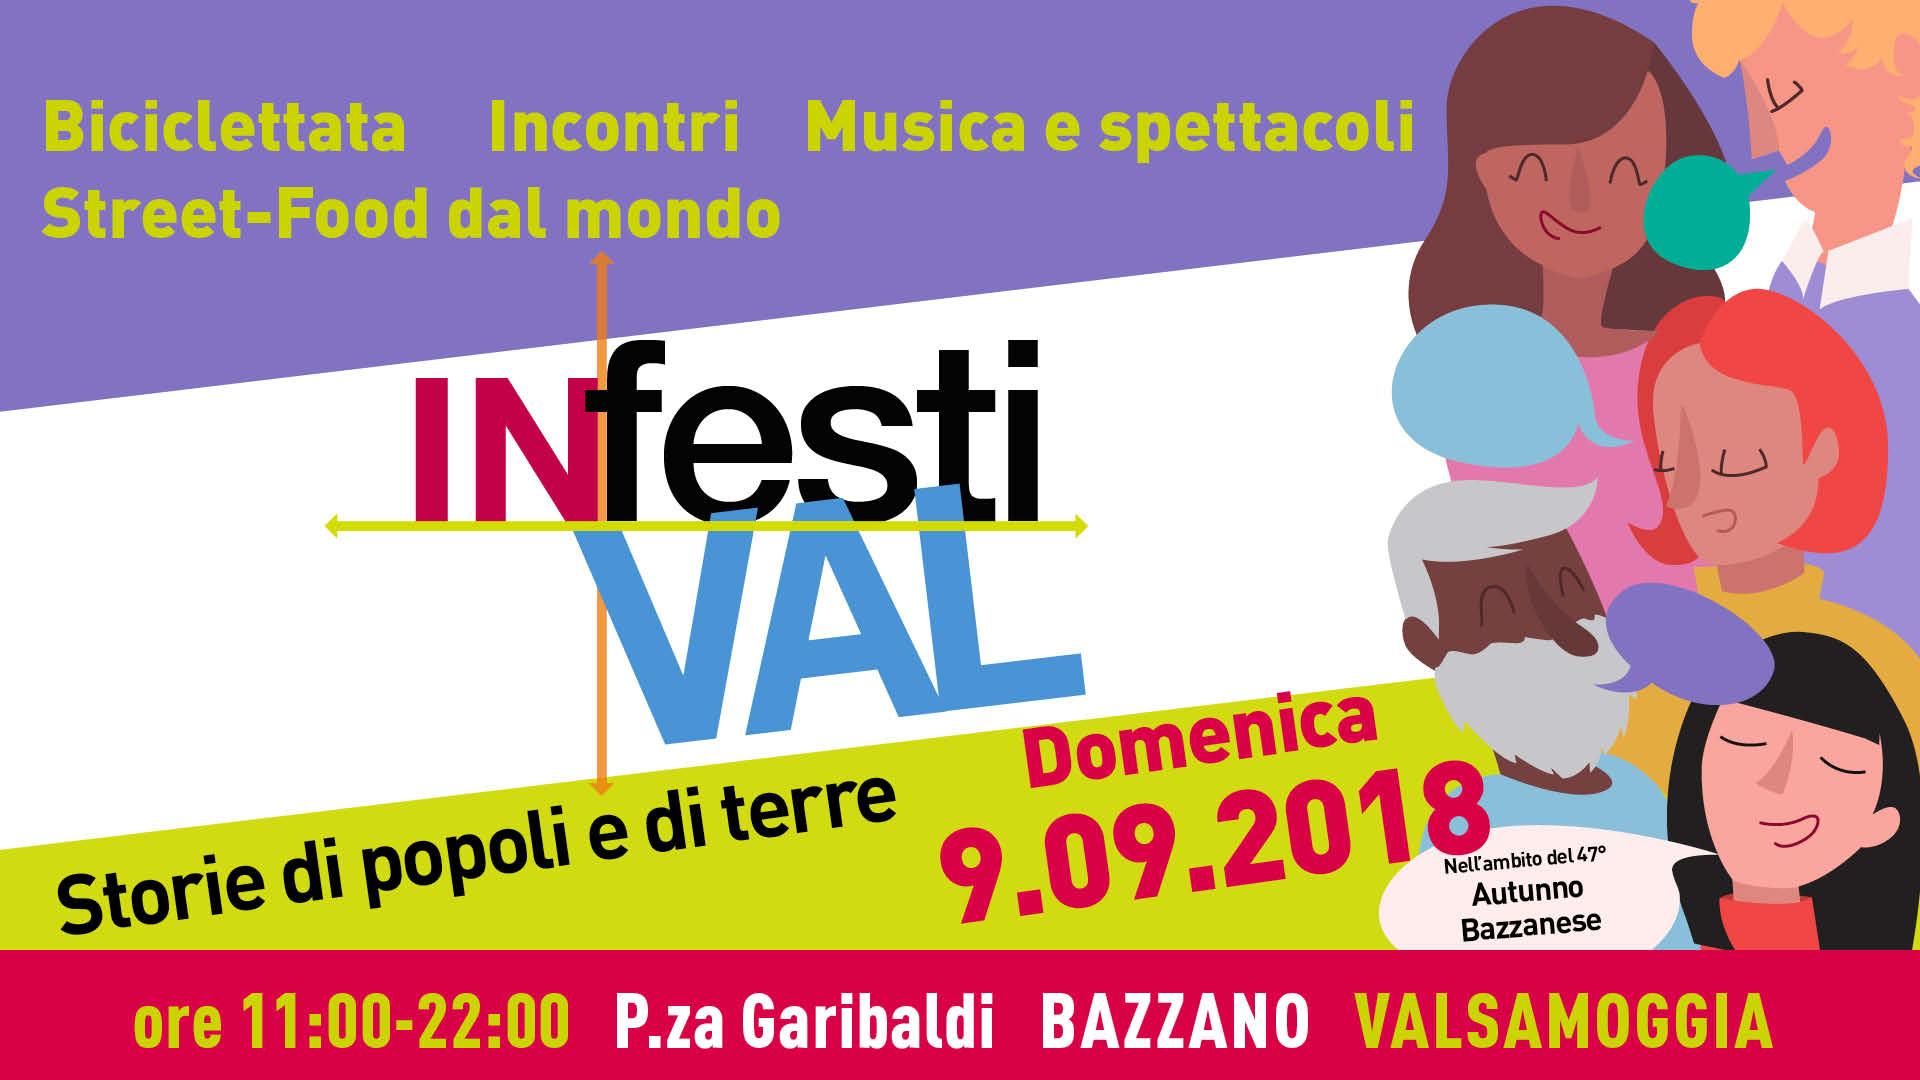 immagine-web-infestival-1 (1)